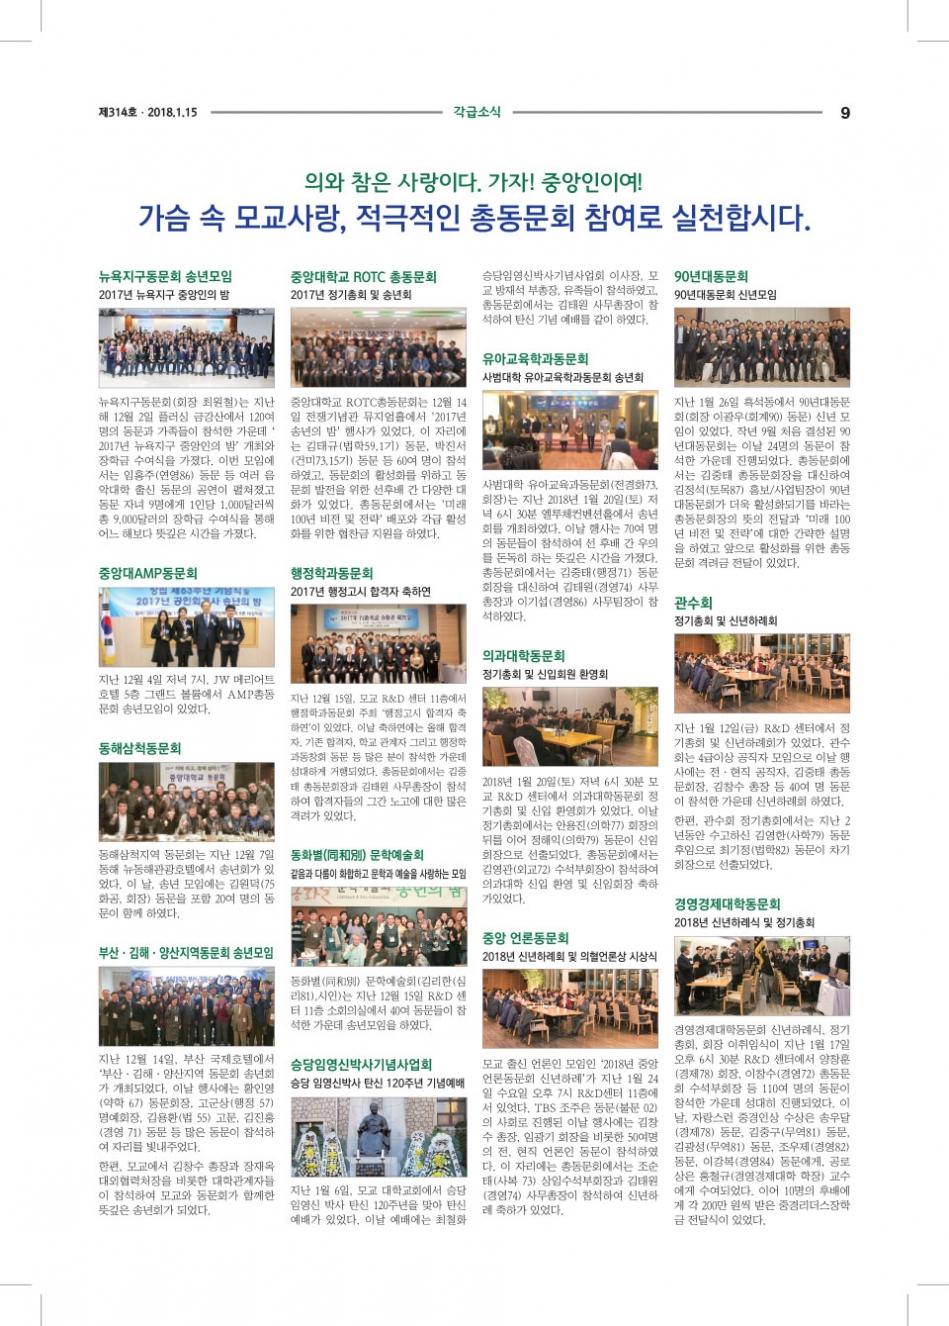 중총신문-18-2-15-최종00-OL인쇄다시-(1)-9.jpg